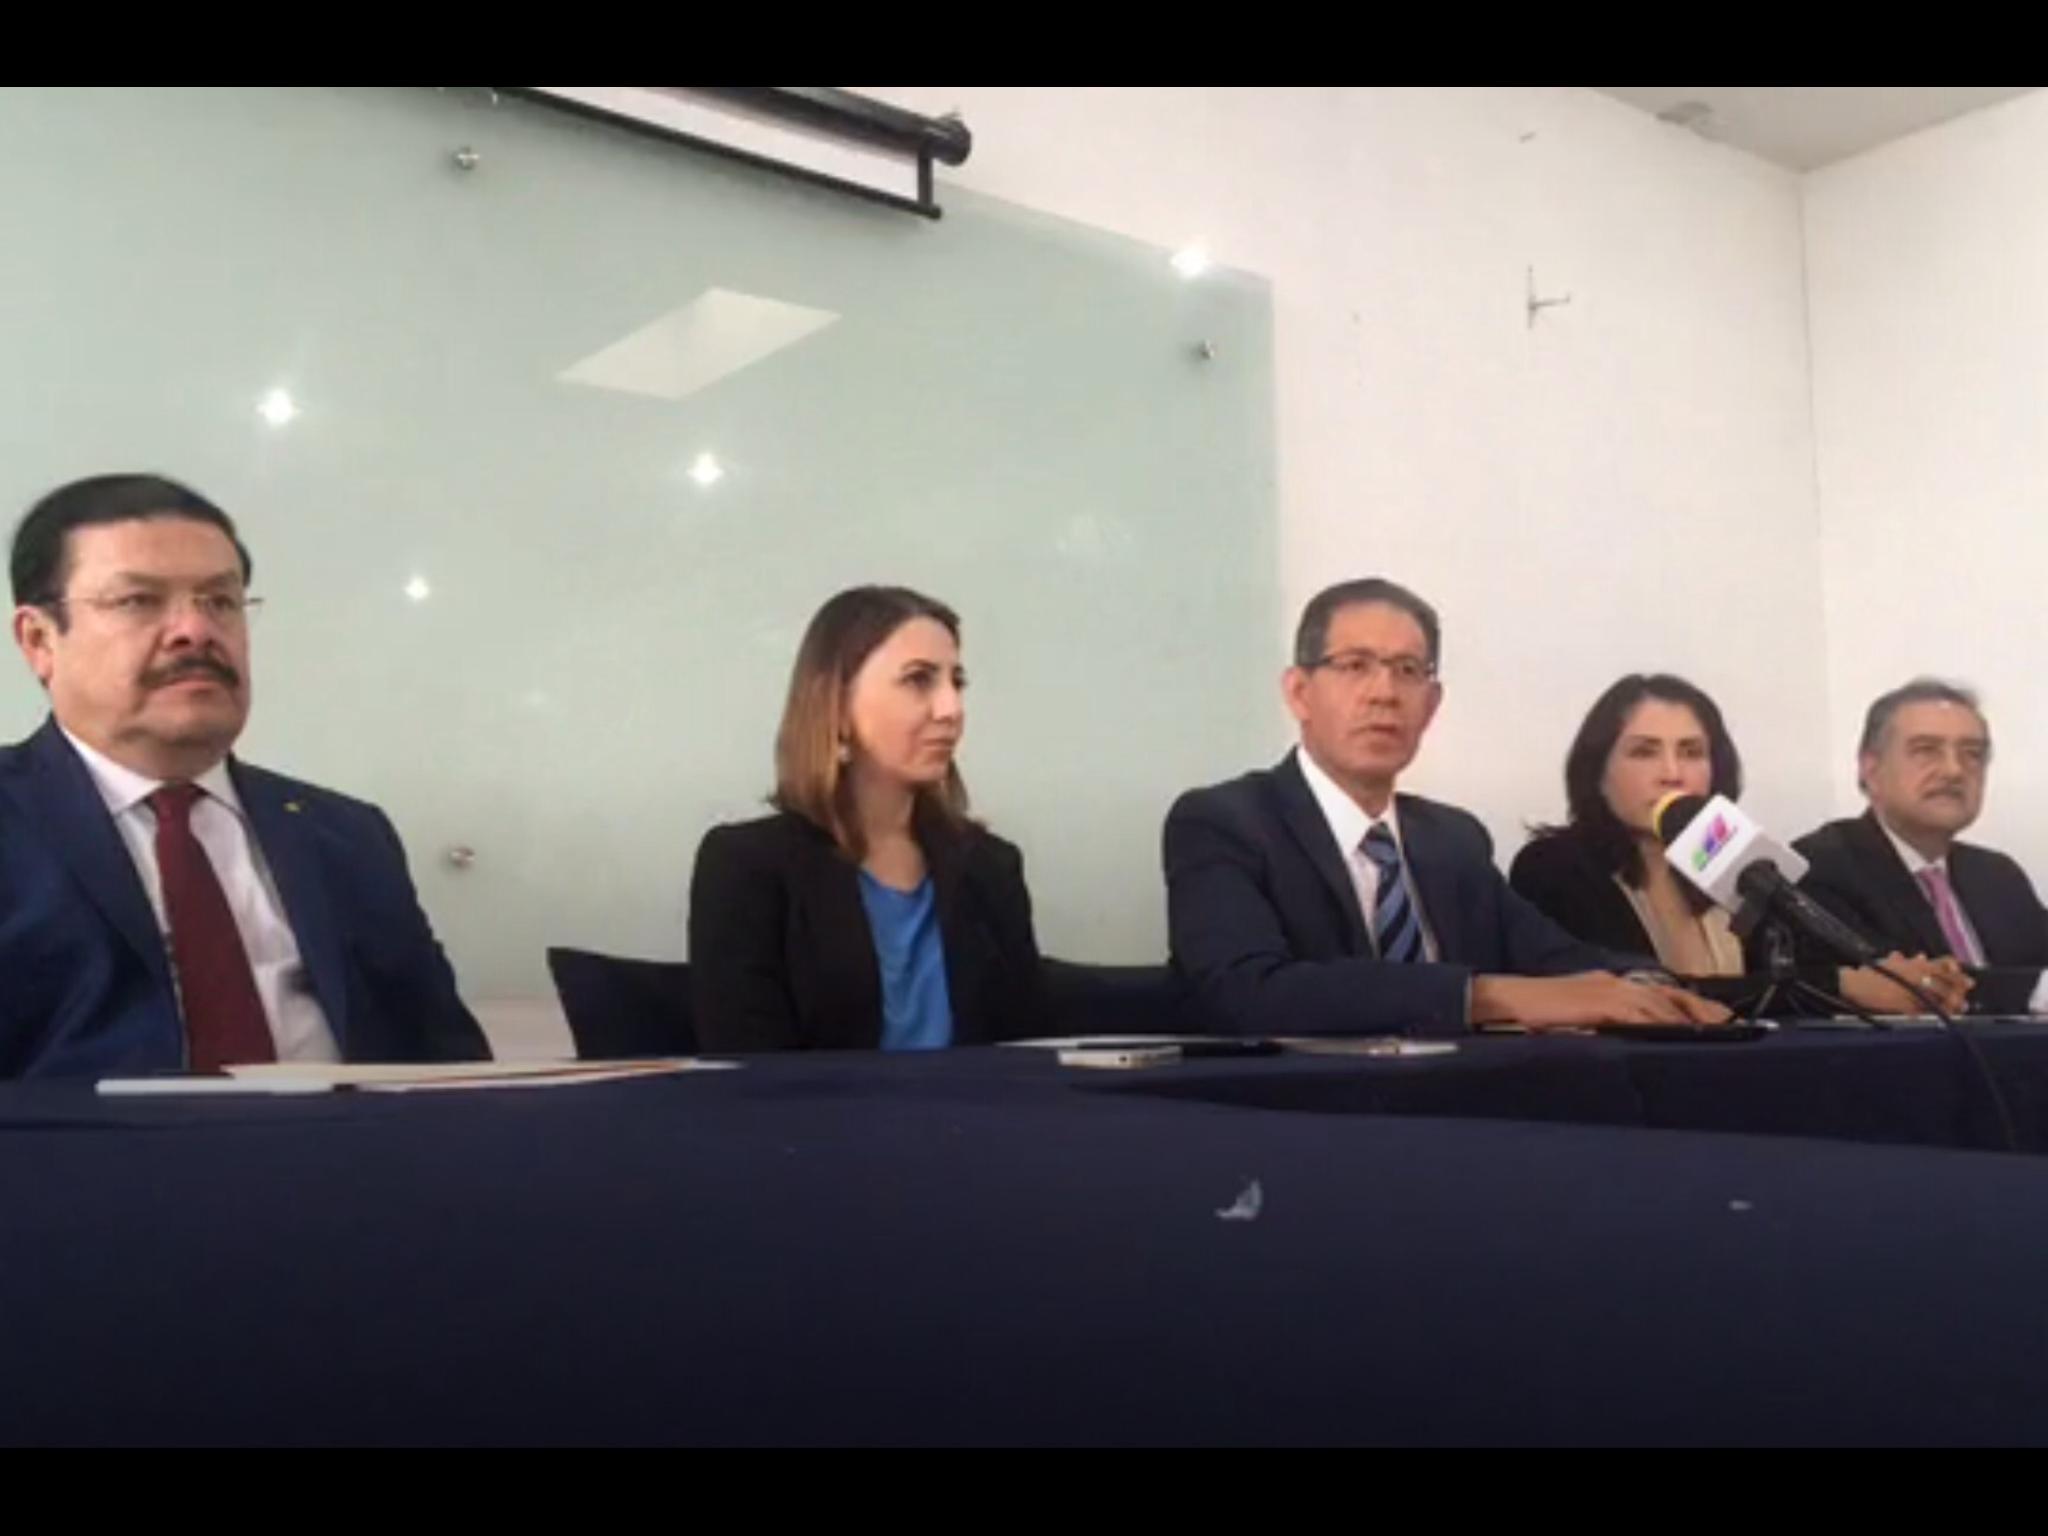 Cercanos al poder integran el comité ciudadano Anticorrupción